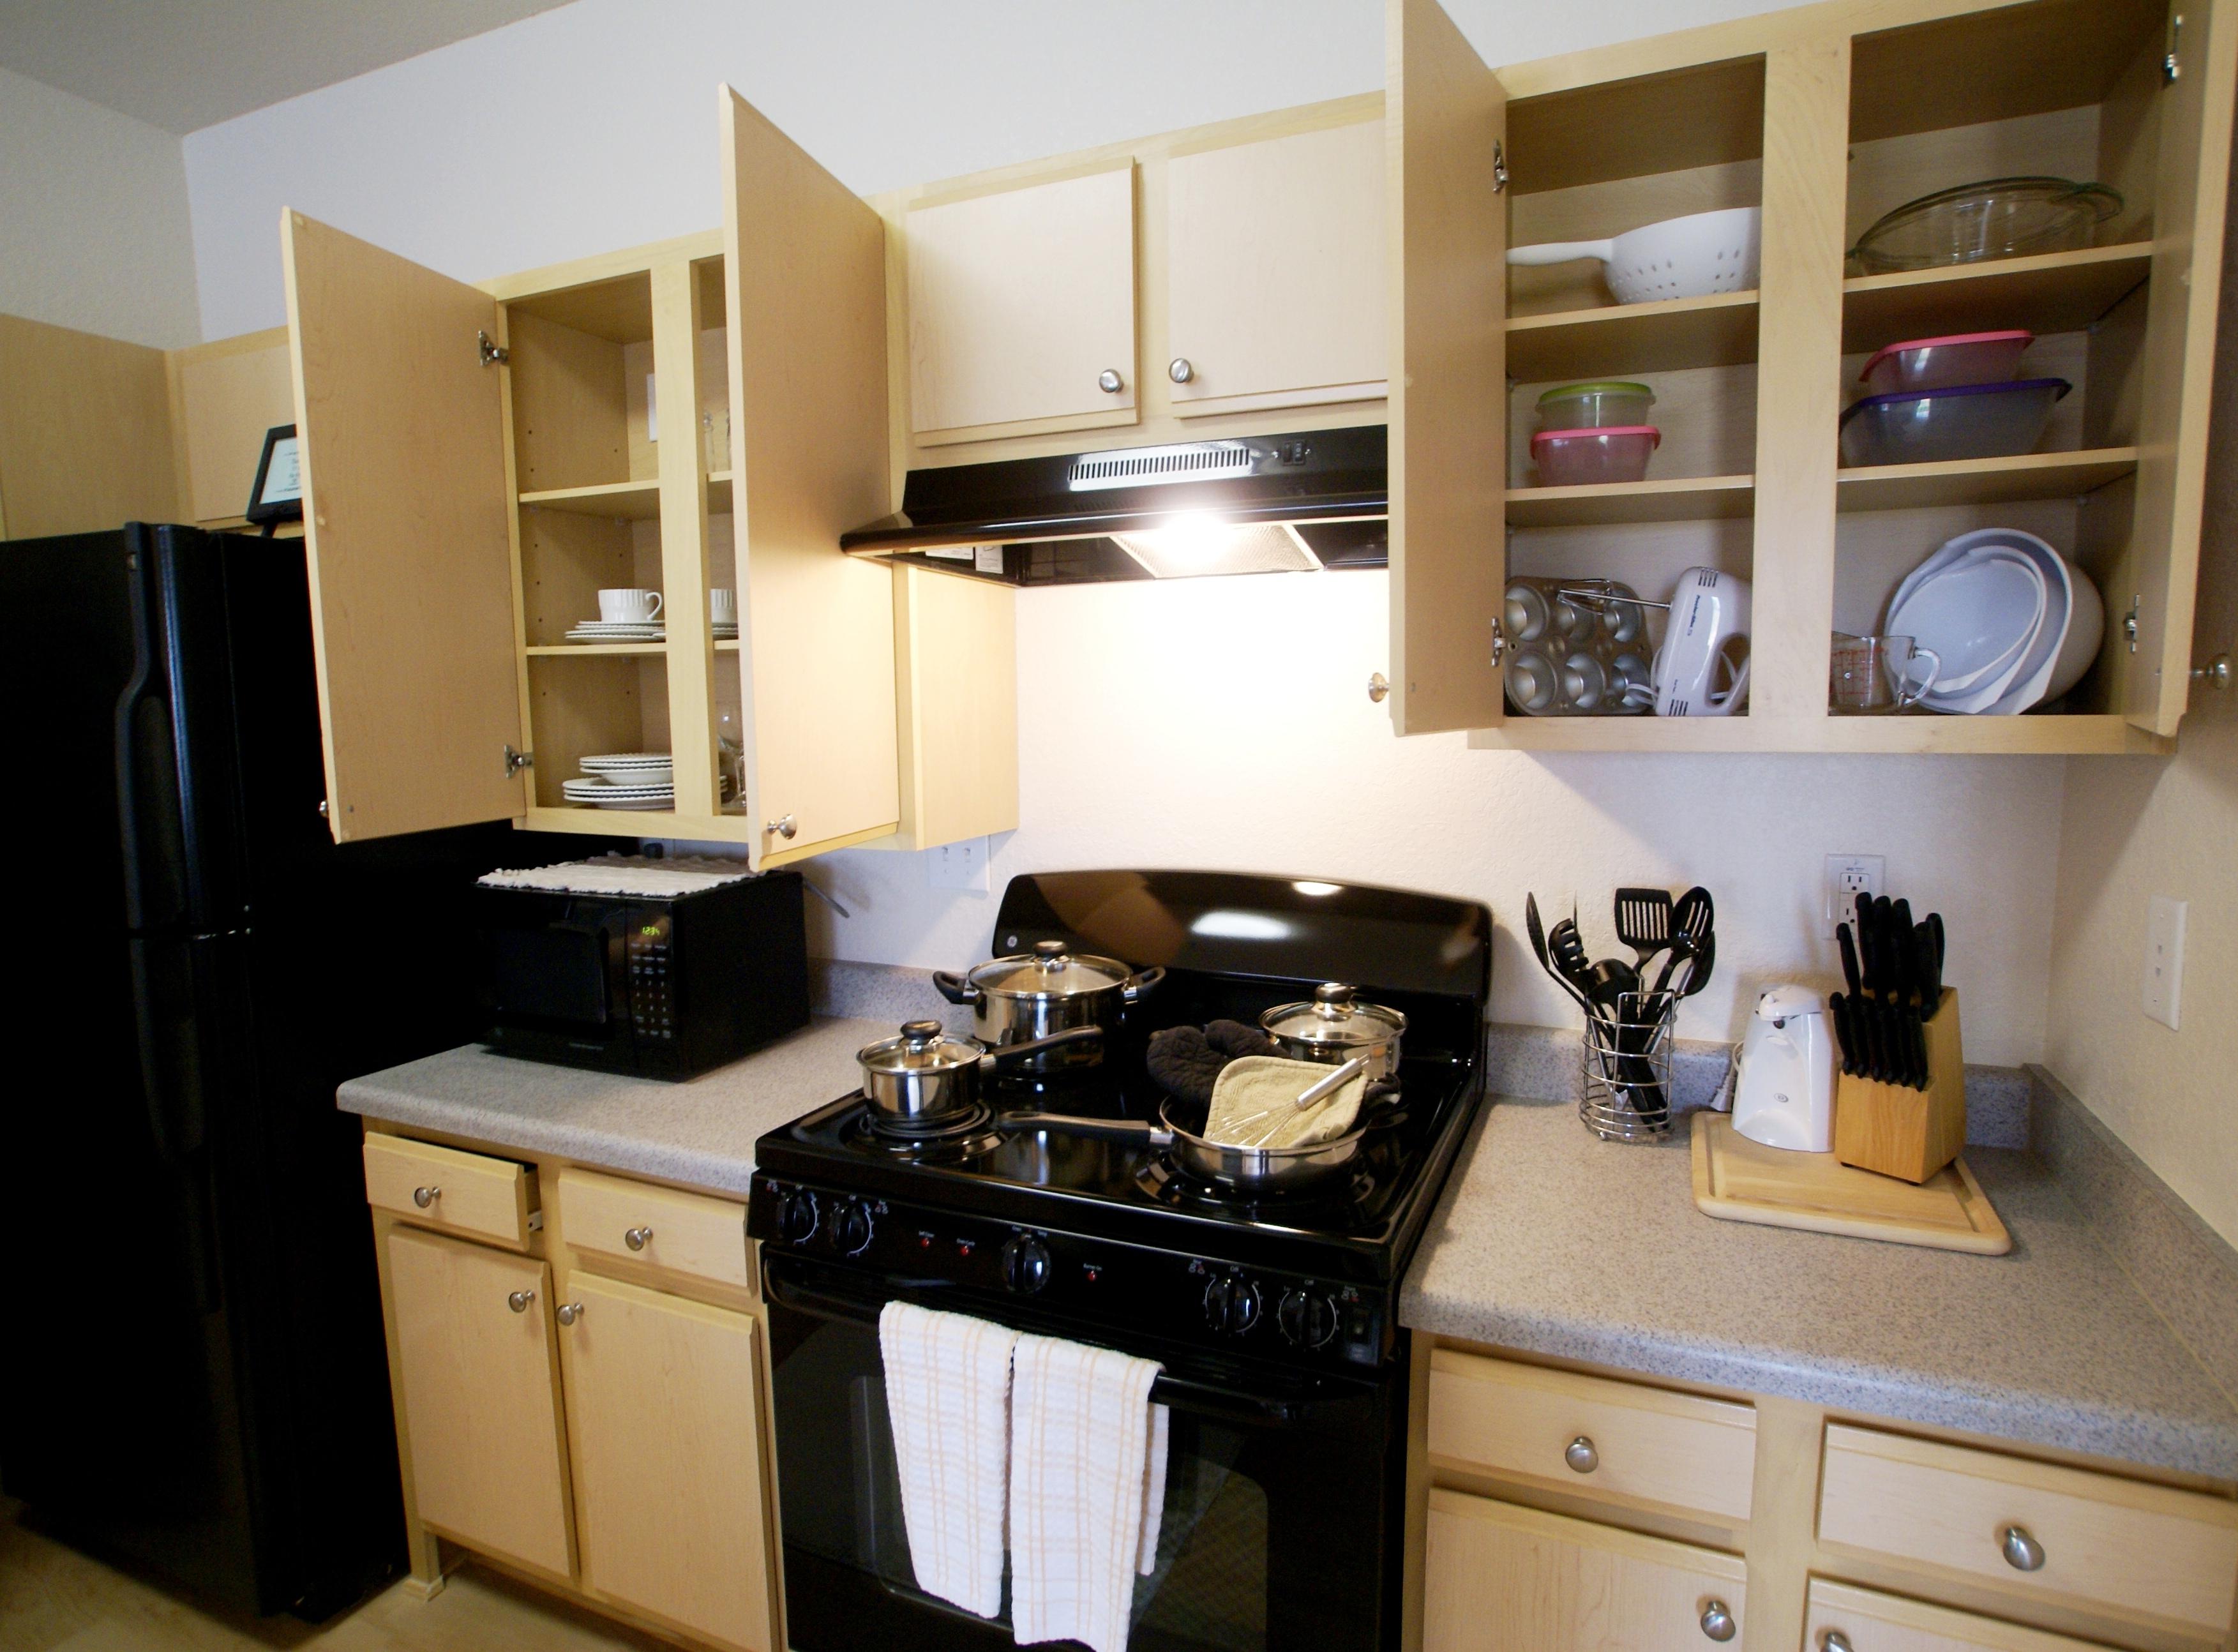 Quality Kitchen Housewares